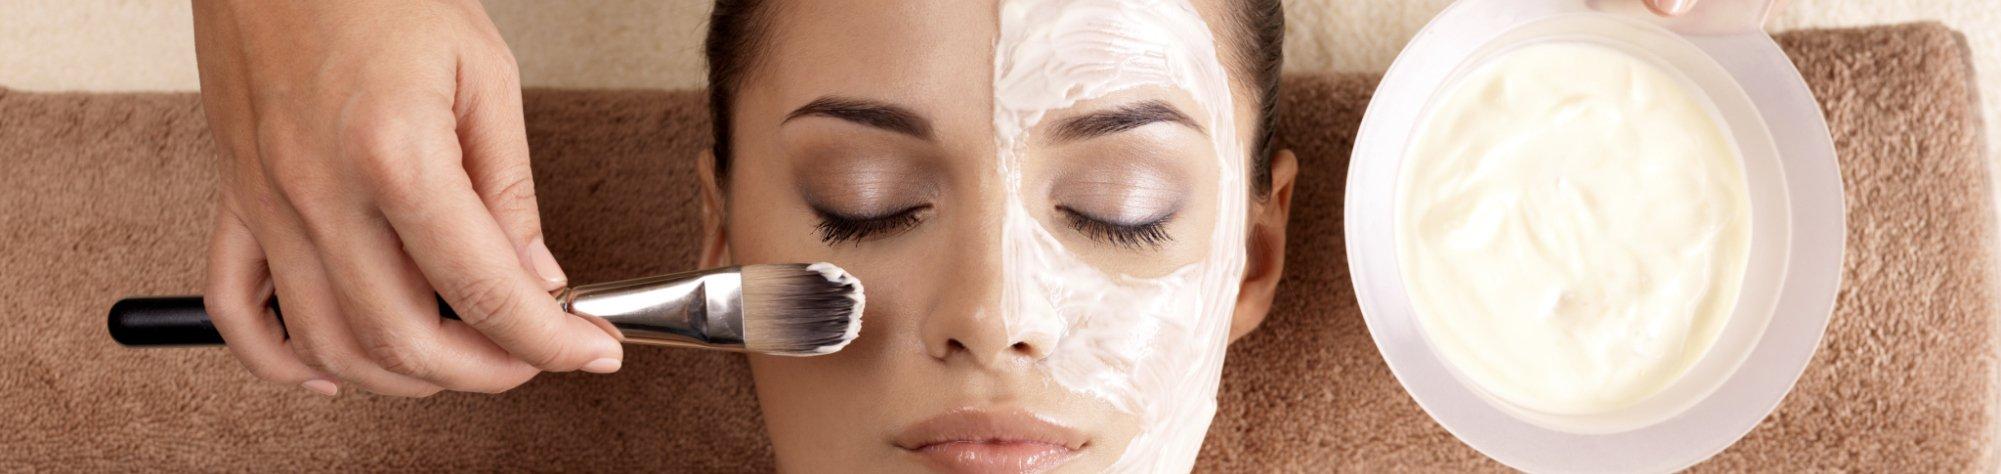 Facial Treatments Woodbury, NY